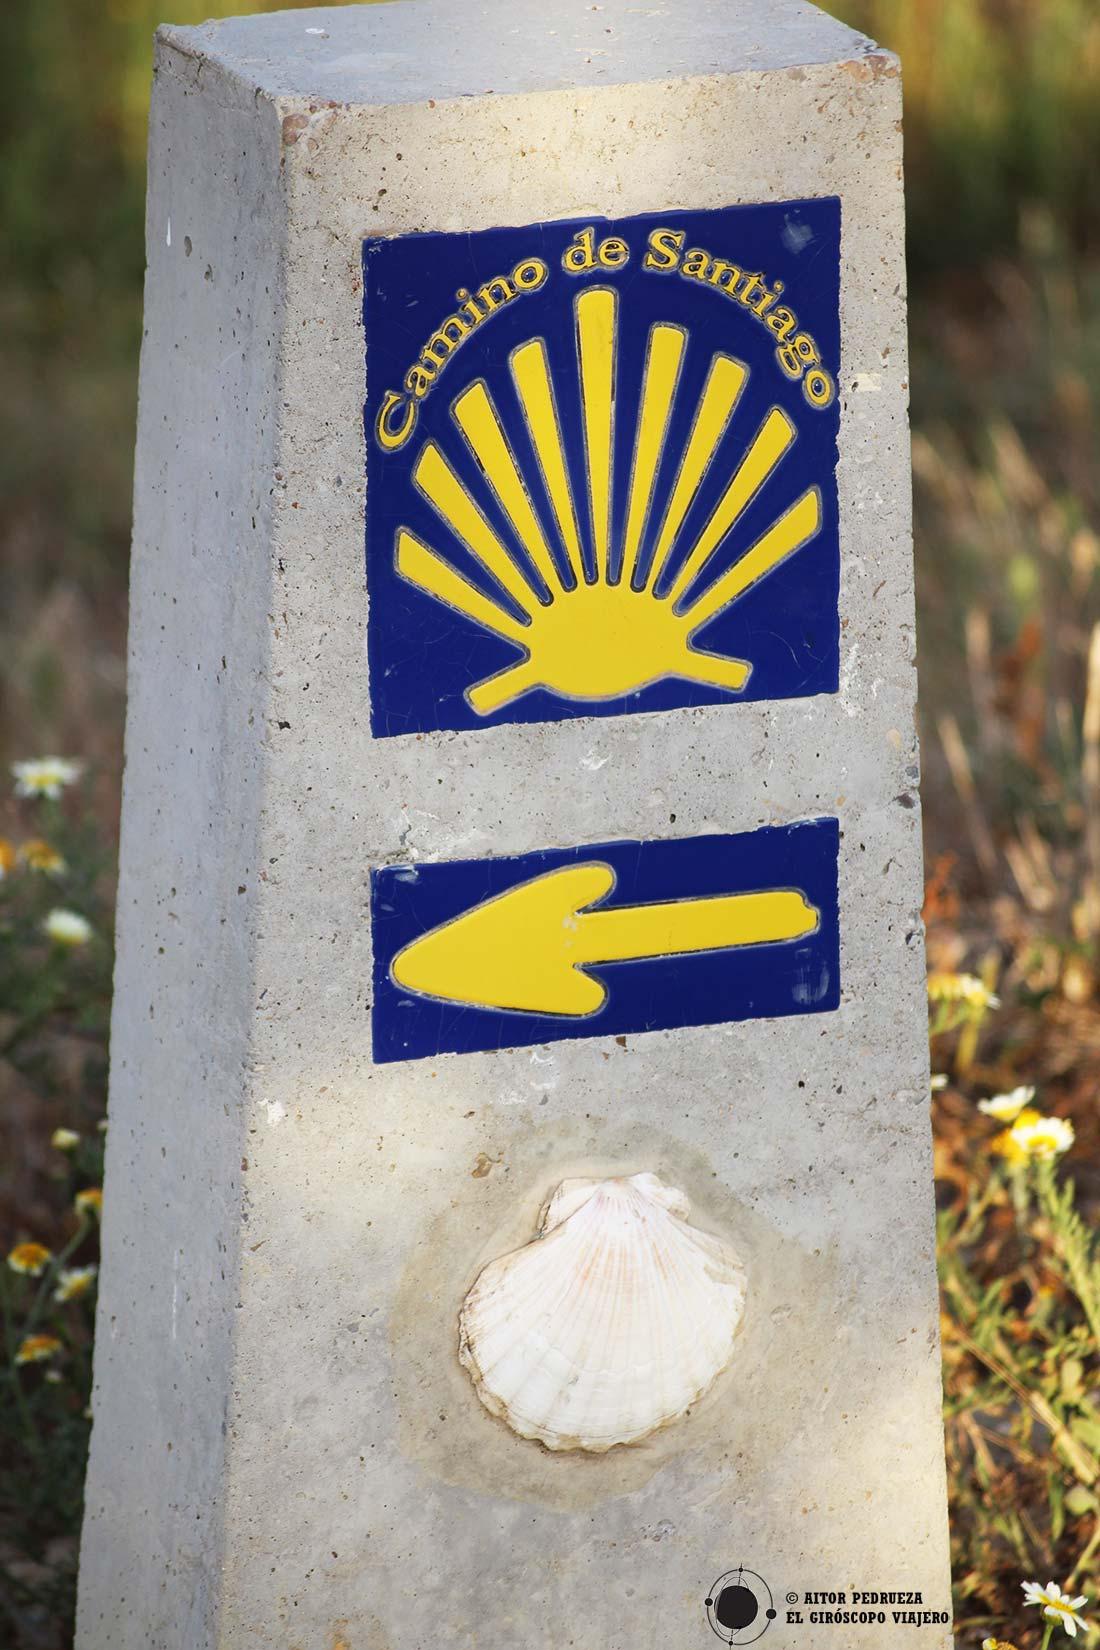 Indicaciones del camino de Santiago por la Vía Serrana.